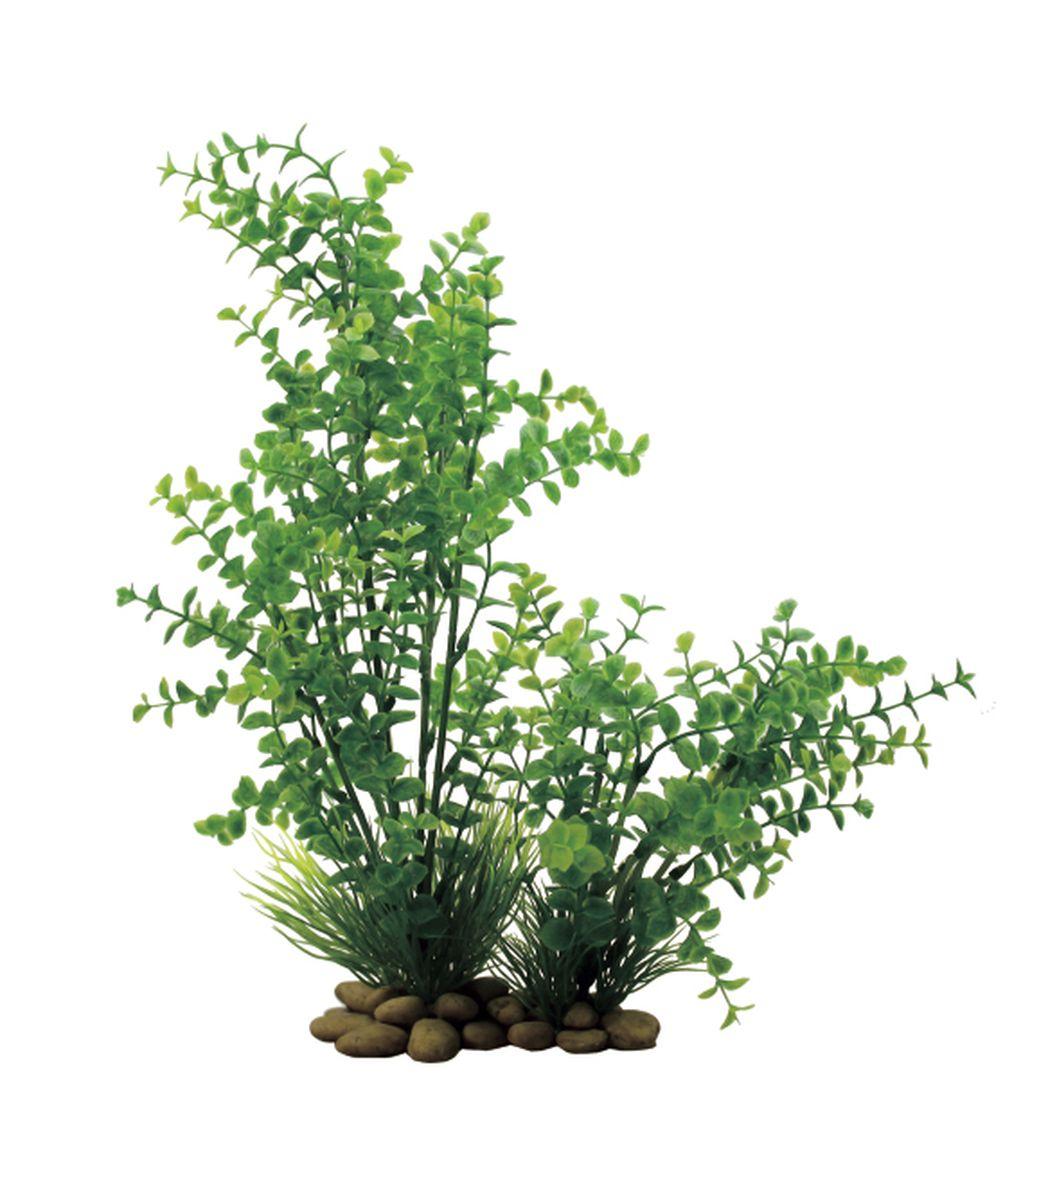 Растение для аквариума ArtUniq Лизимахия, высота 30 см0120710Композиция из искусственных растений ArtUniq превосходно украсит и оживит аквариум.Растения - это важная часть любой композиции, они помогут вдохнуть жизнь в ландшафт любого аквариума или террариума. А их сходствос природными порадует даже самых взыскательных ценителей.